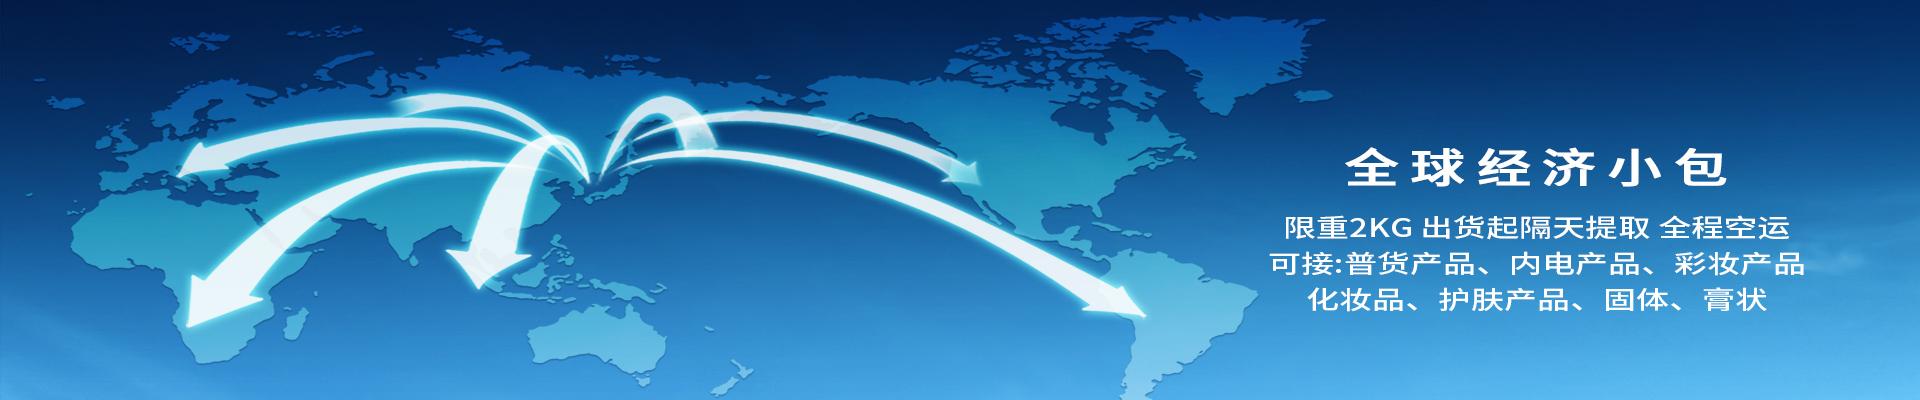 全球经济小包